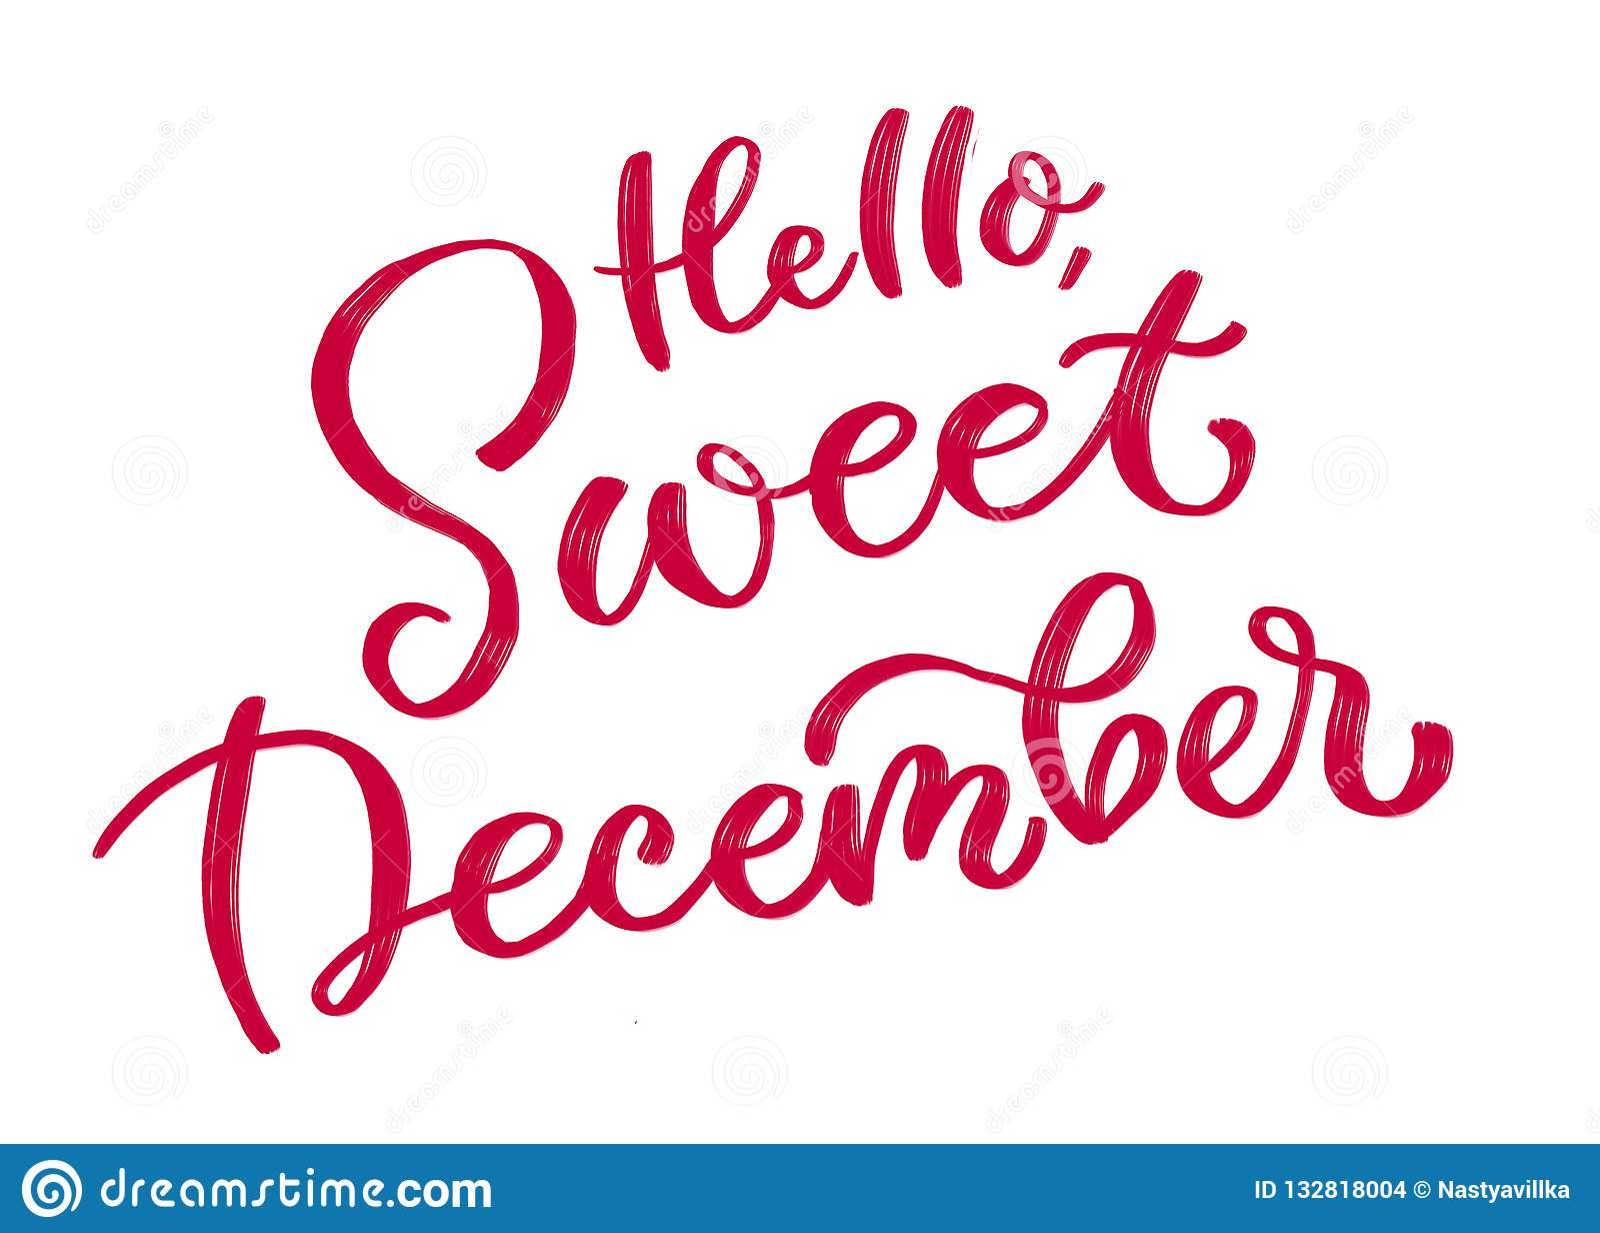 Hi, сладкий декабрь Каллиграфическая надпись в красном цвете